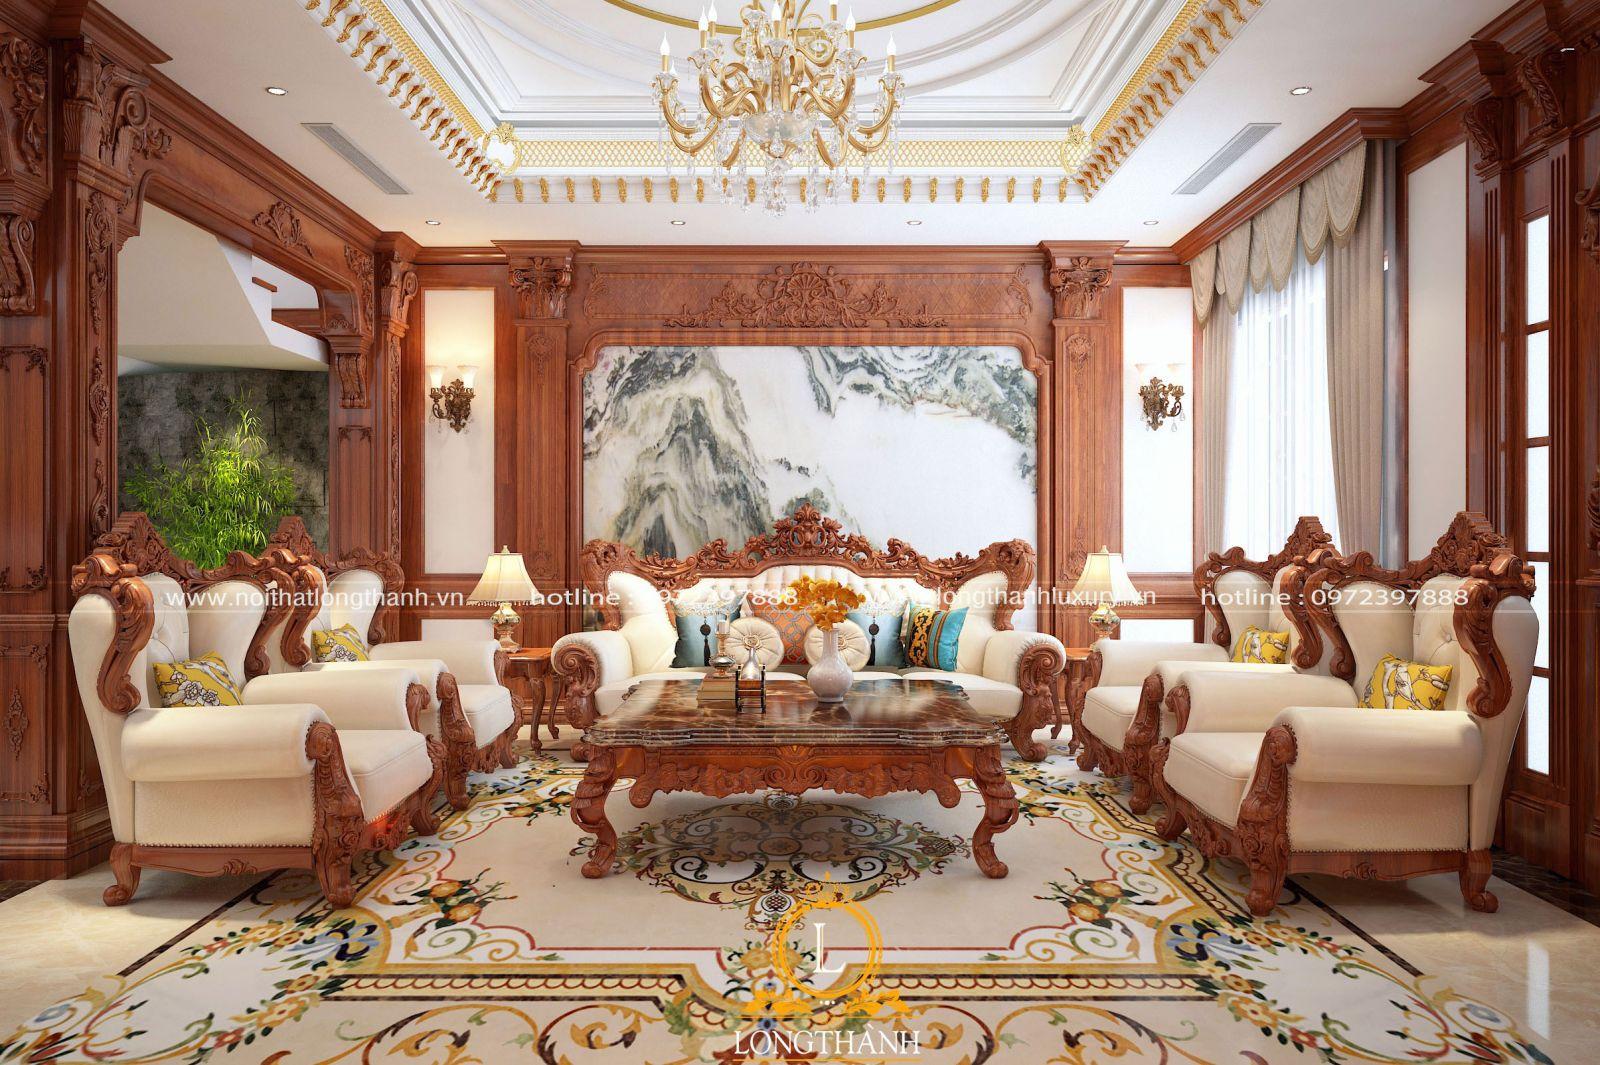 Thiết kế nội thất phòng khách tân cổ điển với mẫu sofa tân cổ điển đẹp